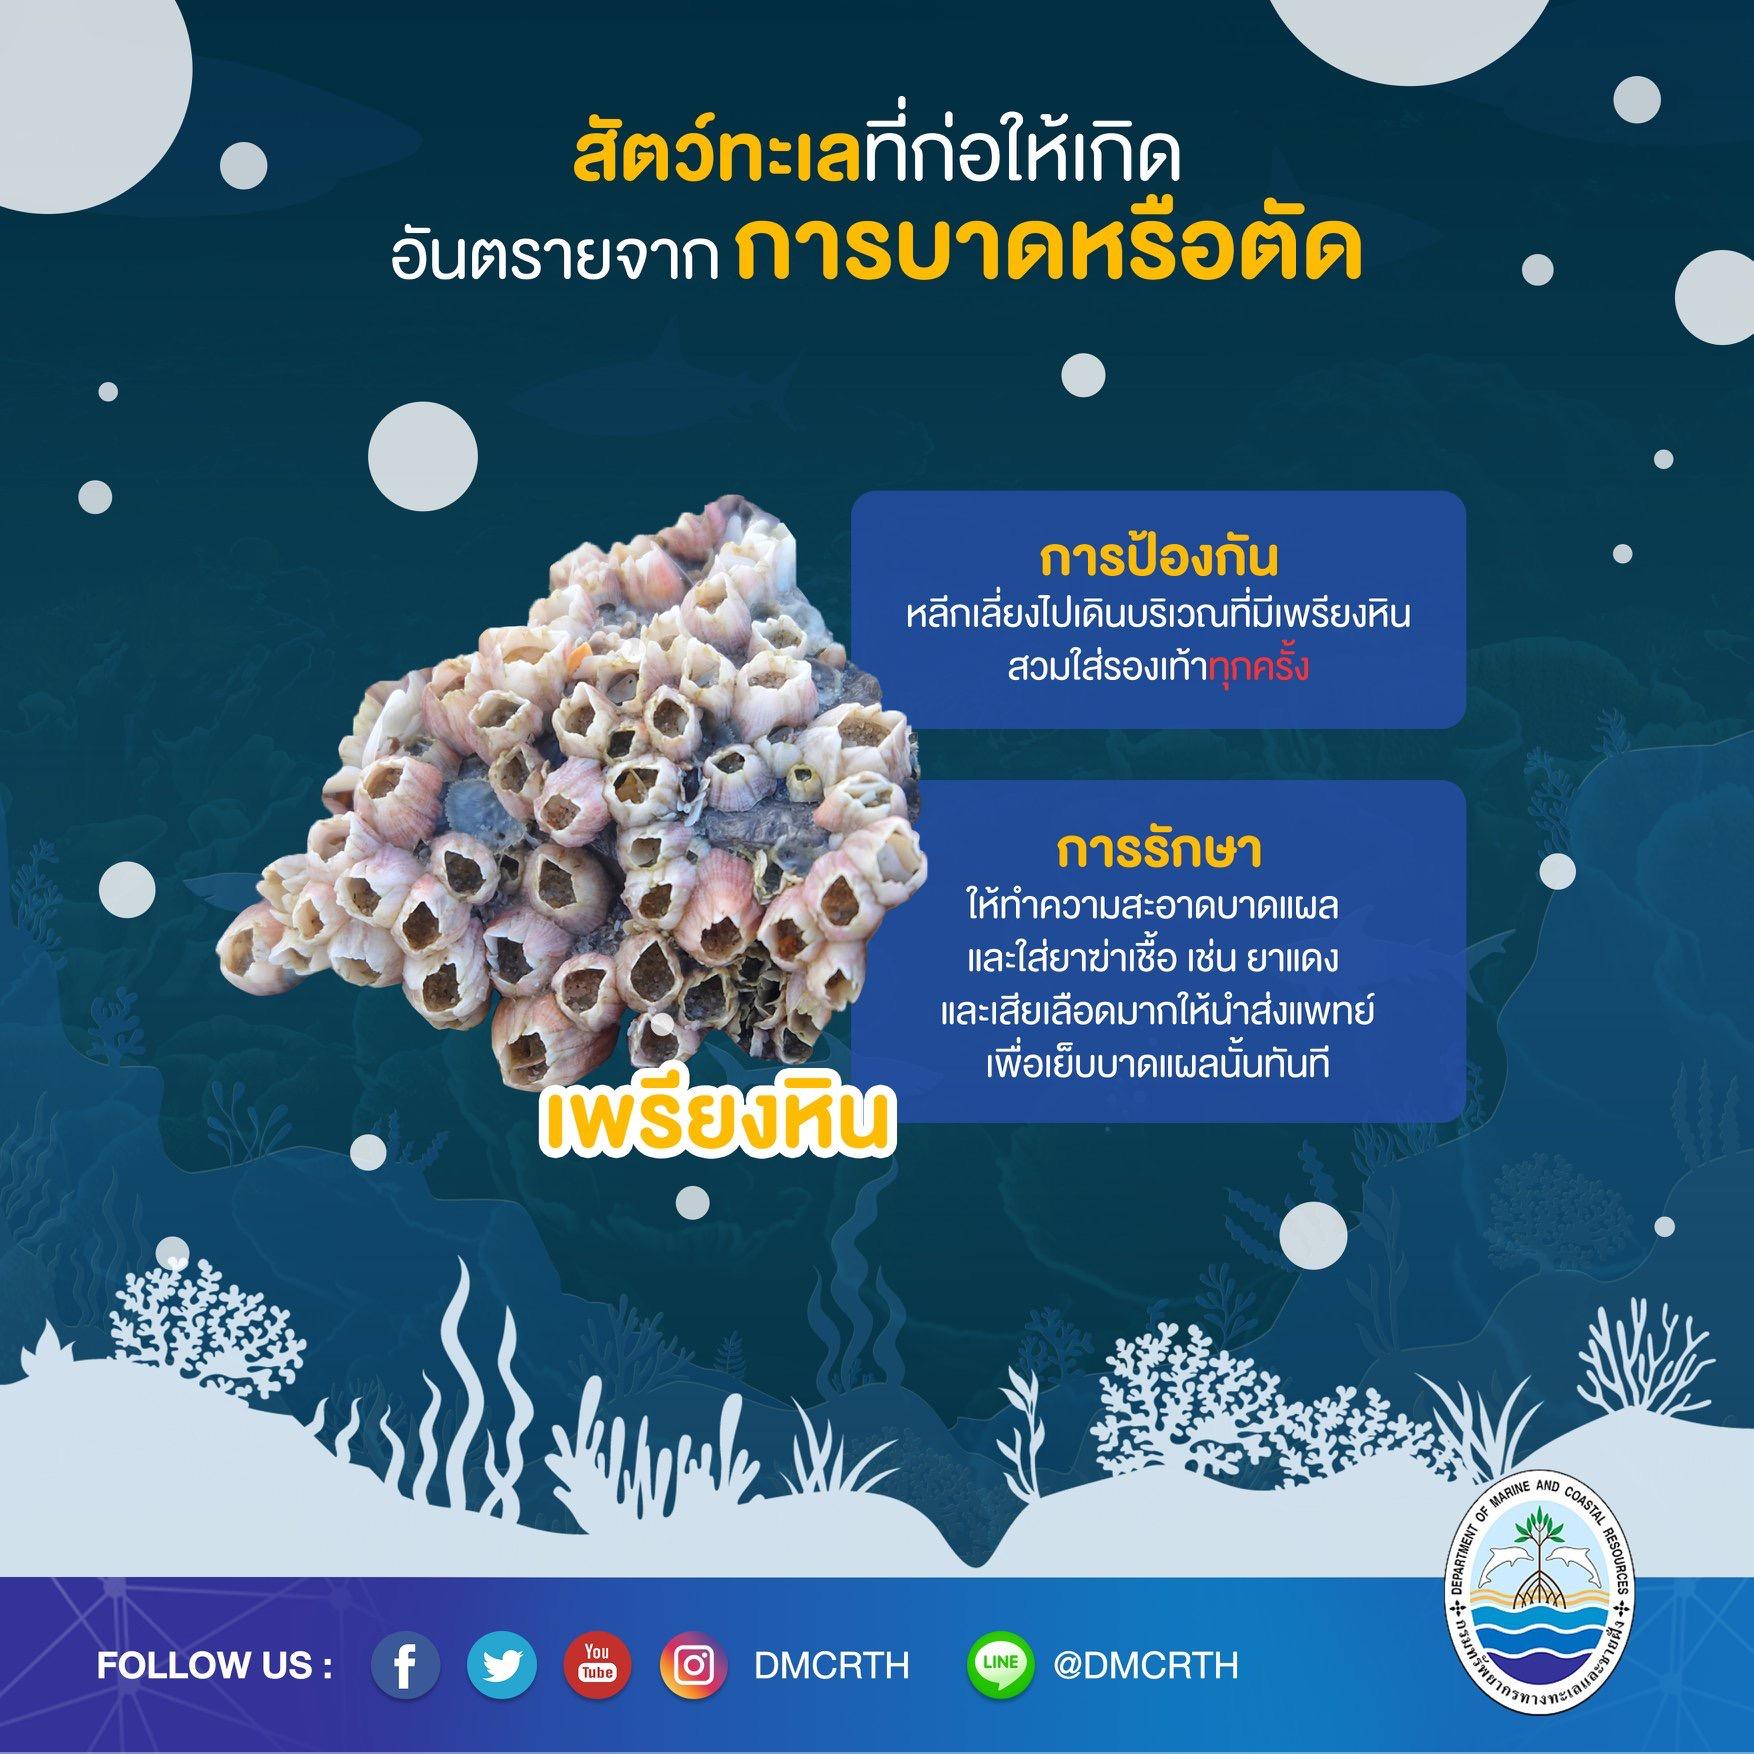 เที่ยวทะเลให้ปลอดภัย ระวังภัยจากสัตว์ทะเล : การบาดหรือตัด